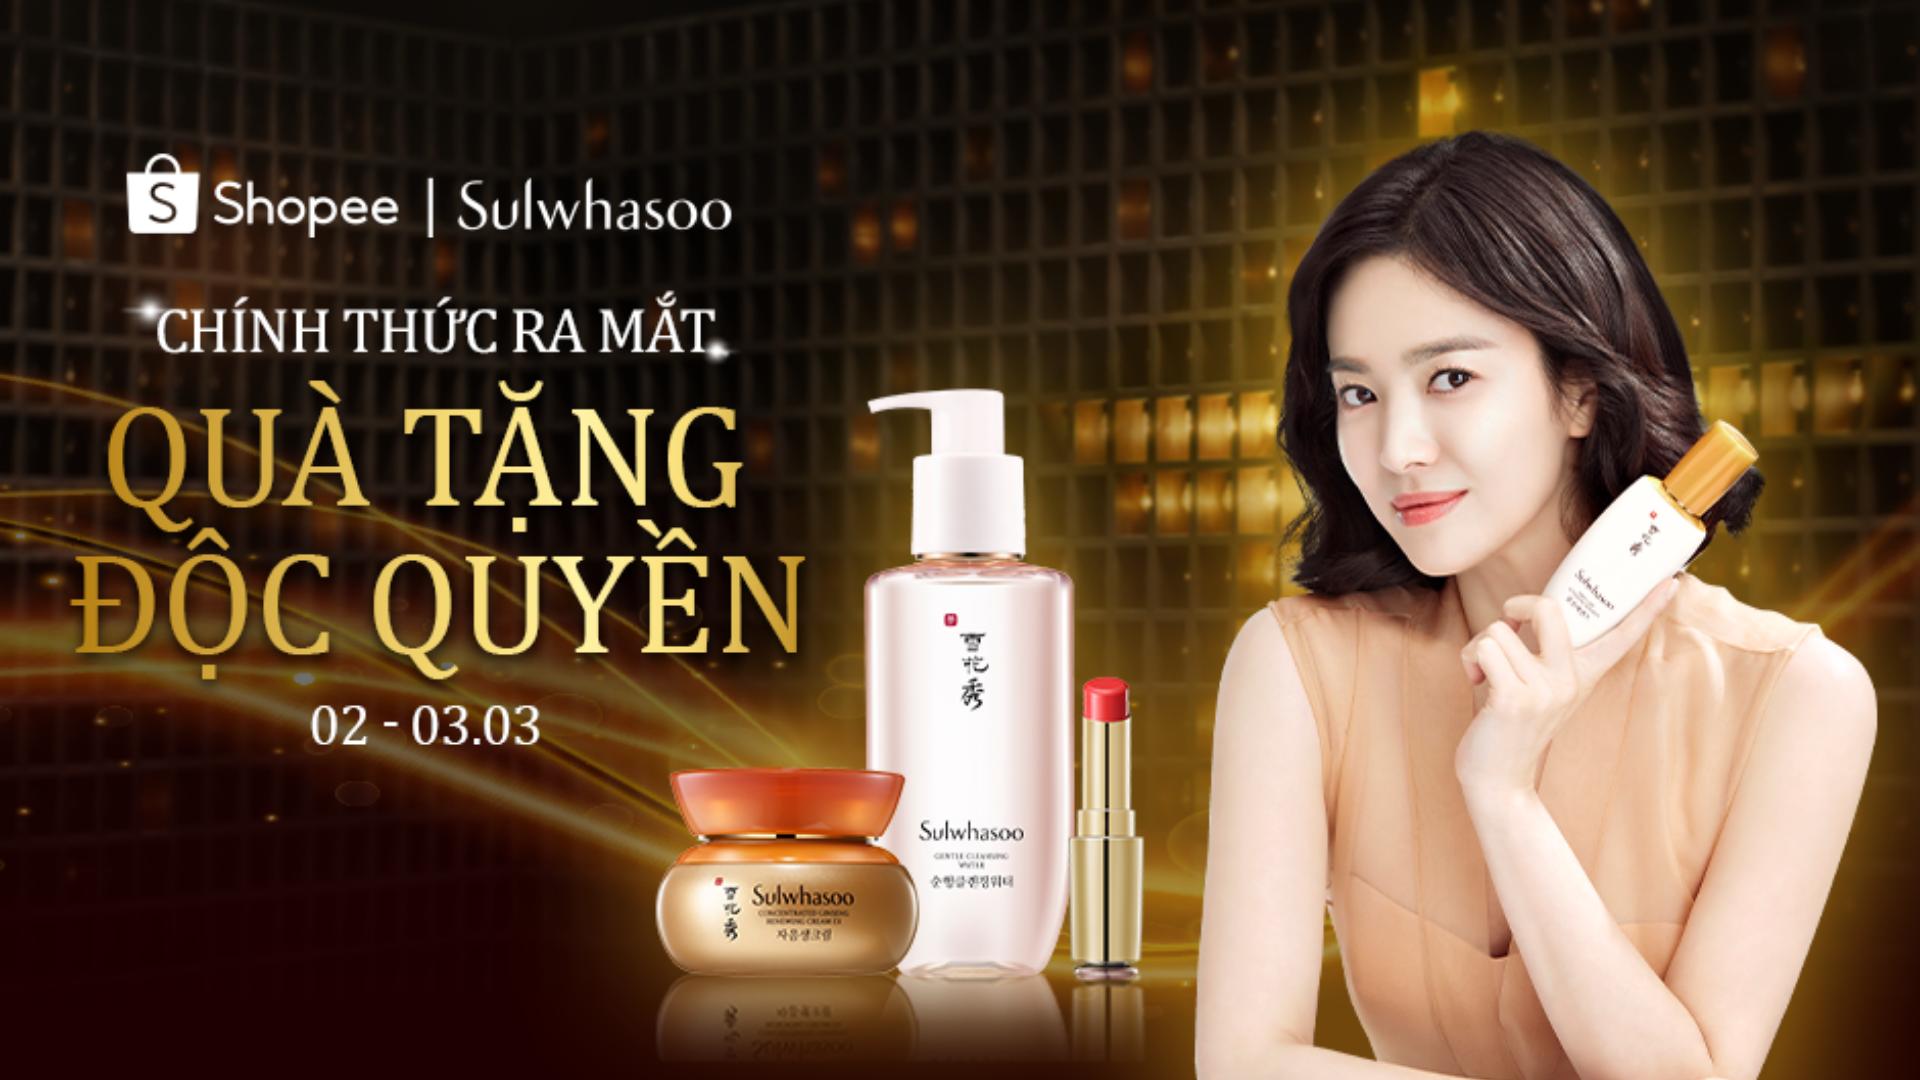 Sulwhasoo-Song Hye Kyo cầm mỹ phẩm.